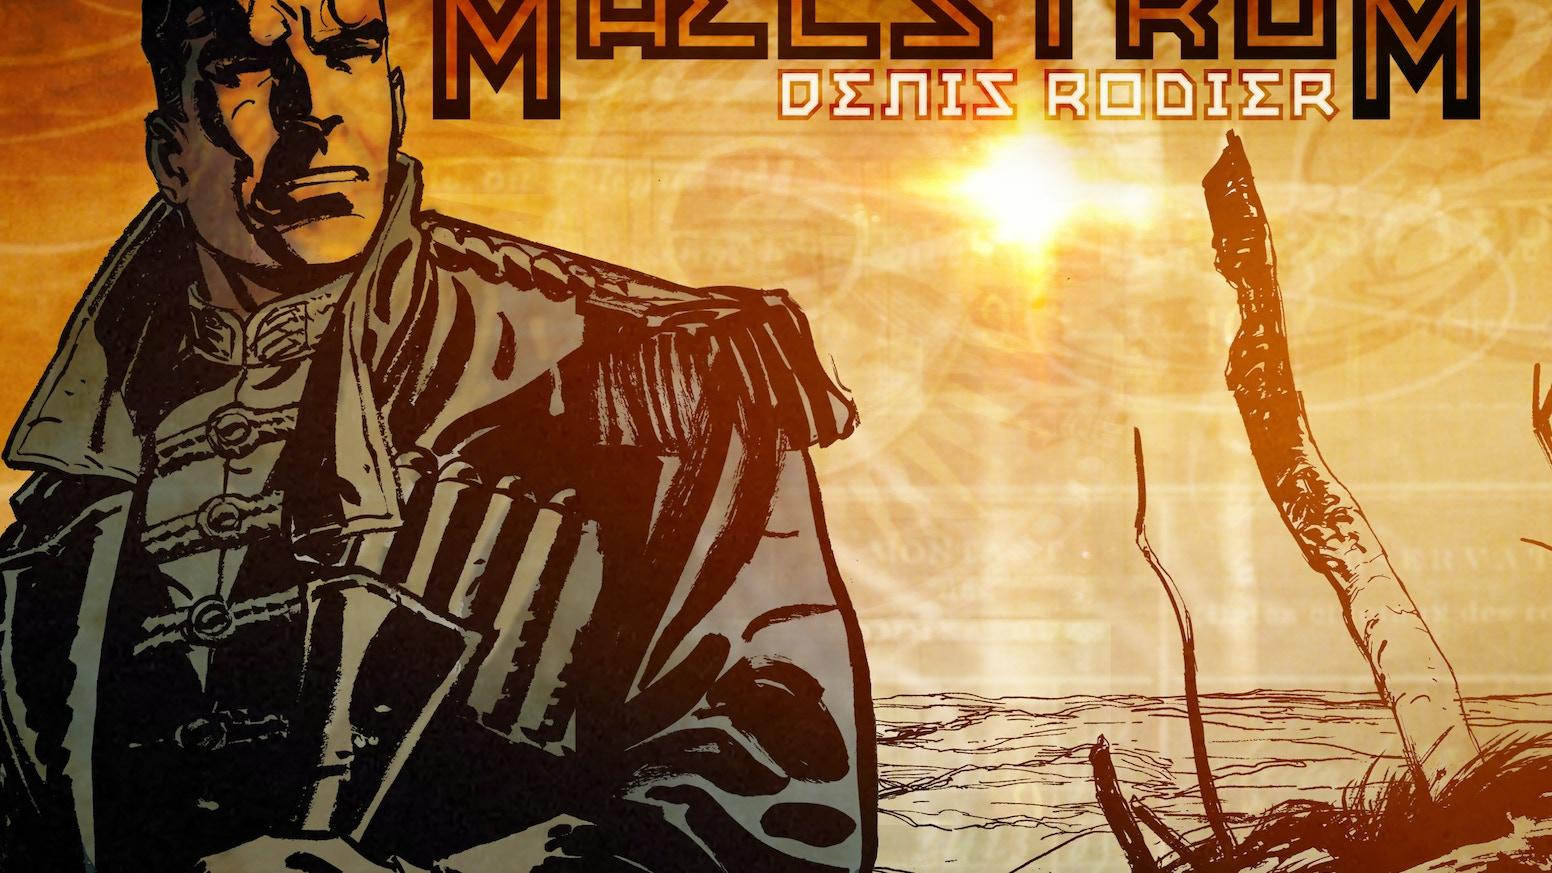 Le projet BD MAELSTROM est une réalité!-----------------------------The MAELSTROM graphic novel project is on!